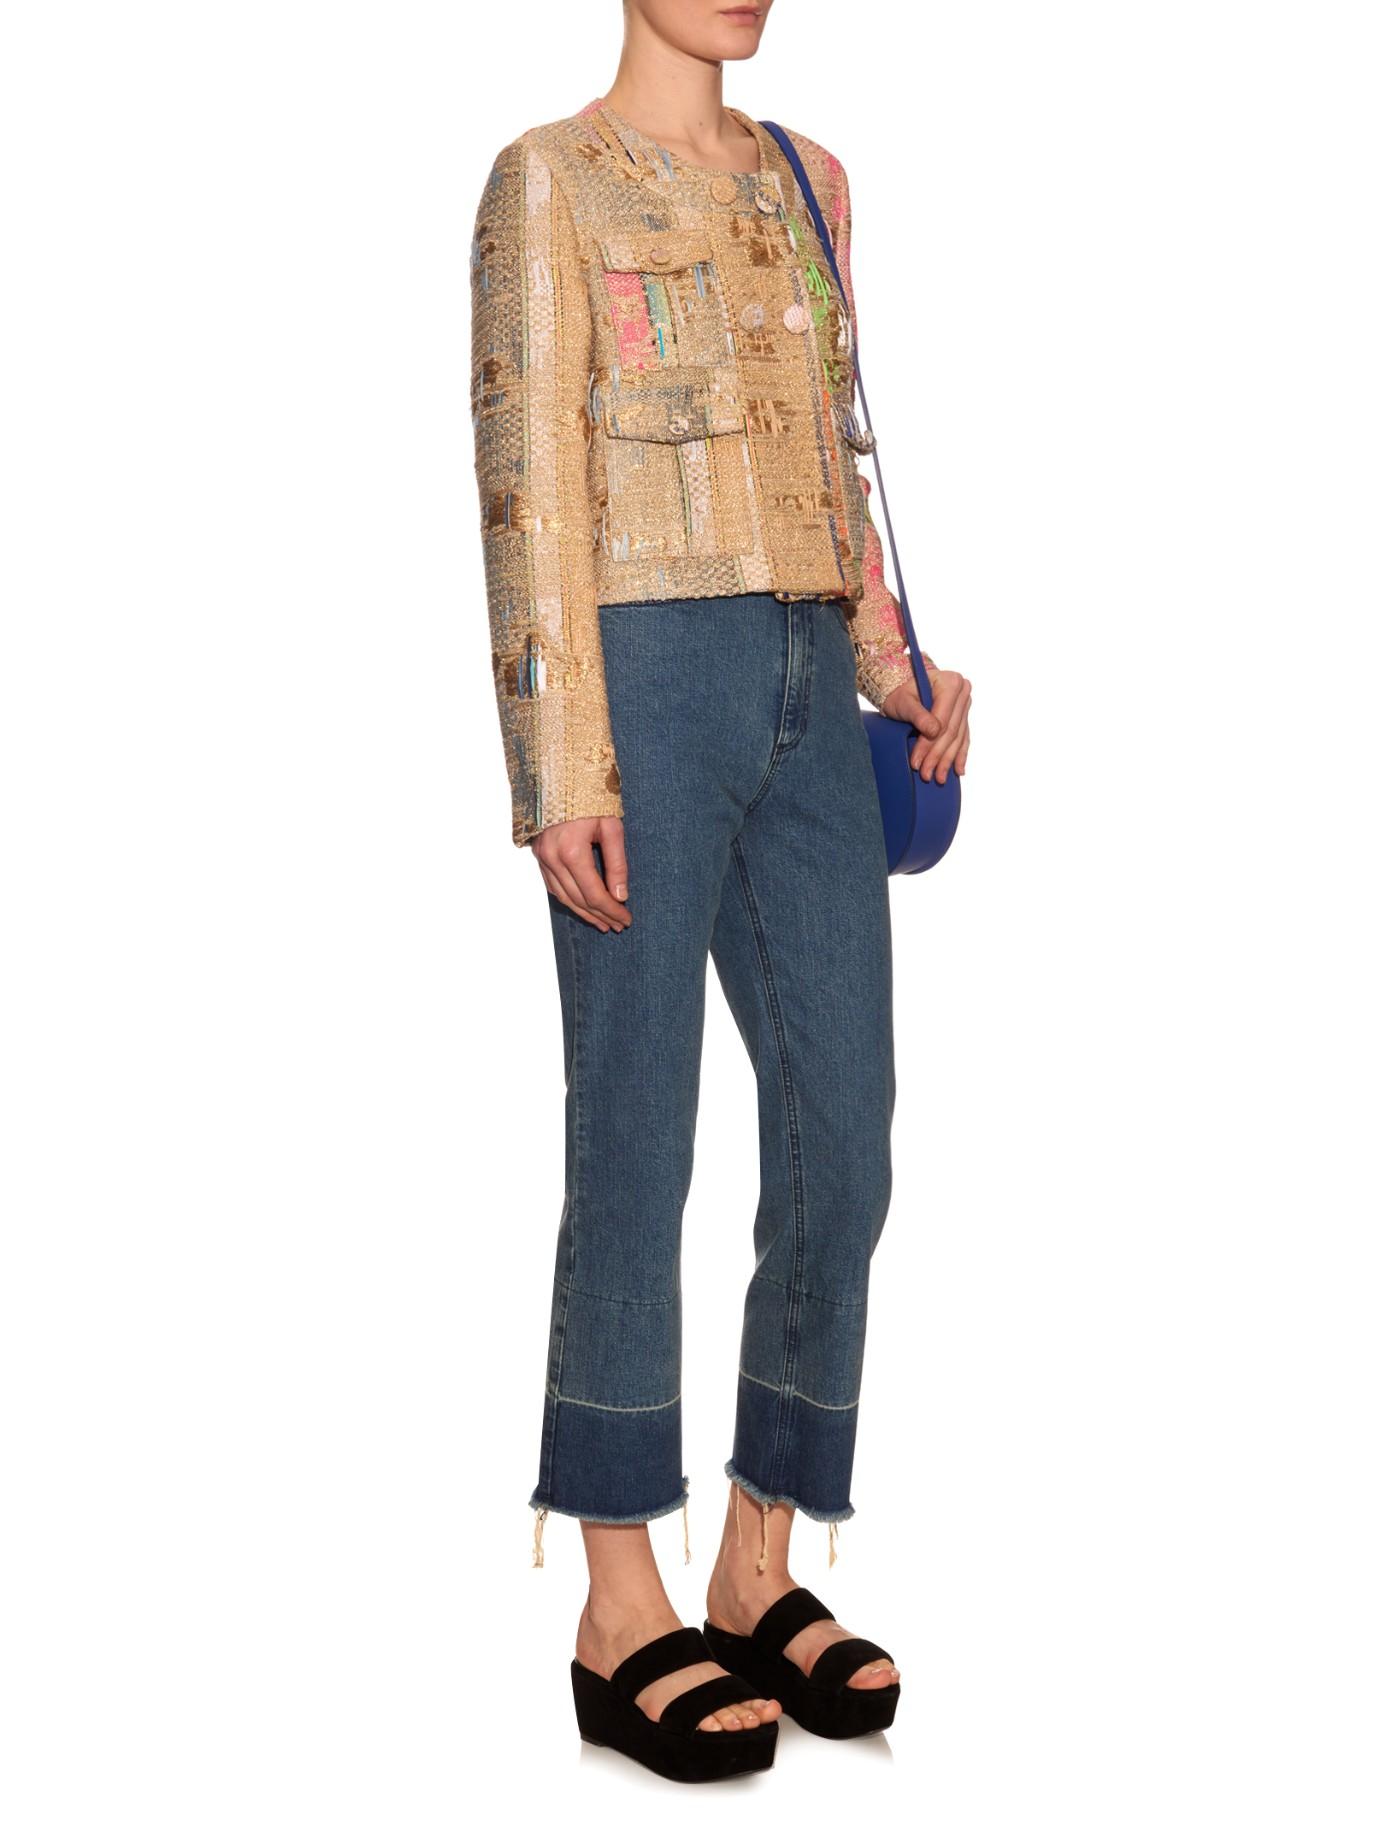 double tweed jacket Msgm Großhandel Online Aus Deutschland Freies Verschiffen Bilder tmAwwGQ